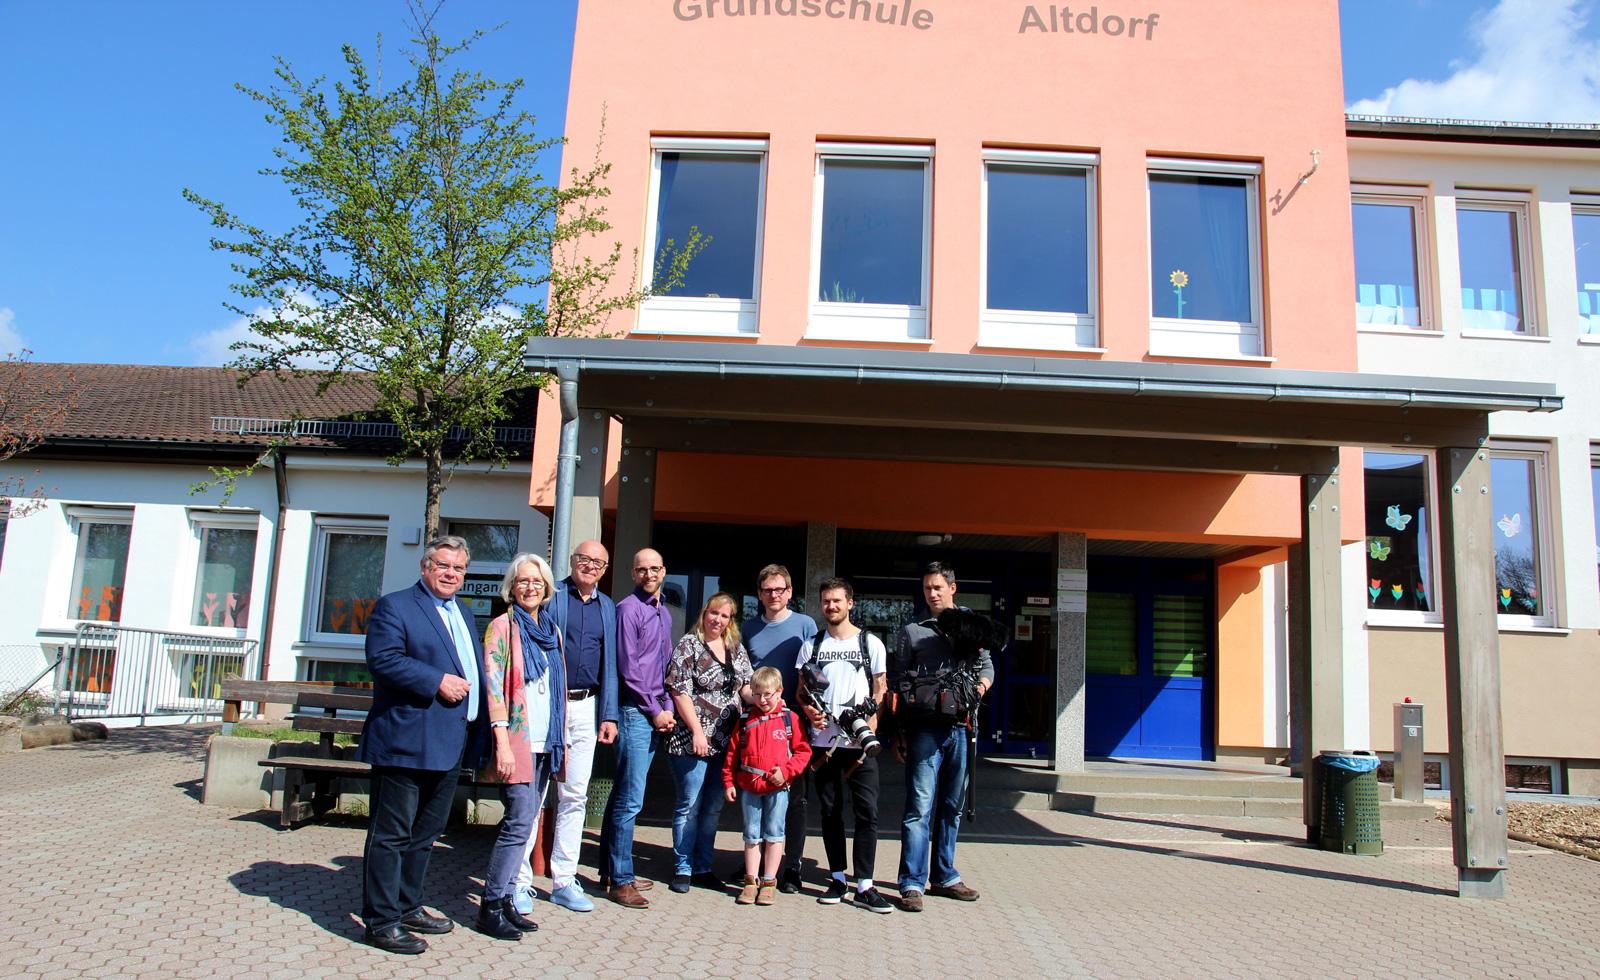 Kamerateam des ZDF drehte an der Grundschule Altdorf für einen Aktion Mensch-Beitrag im ZDF, die Max Auer seit vergangen Herbst besucht.